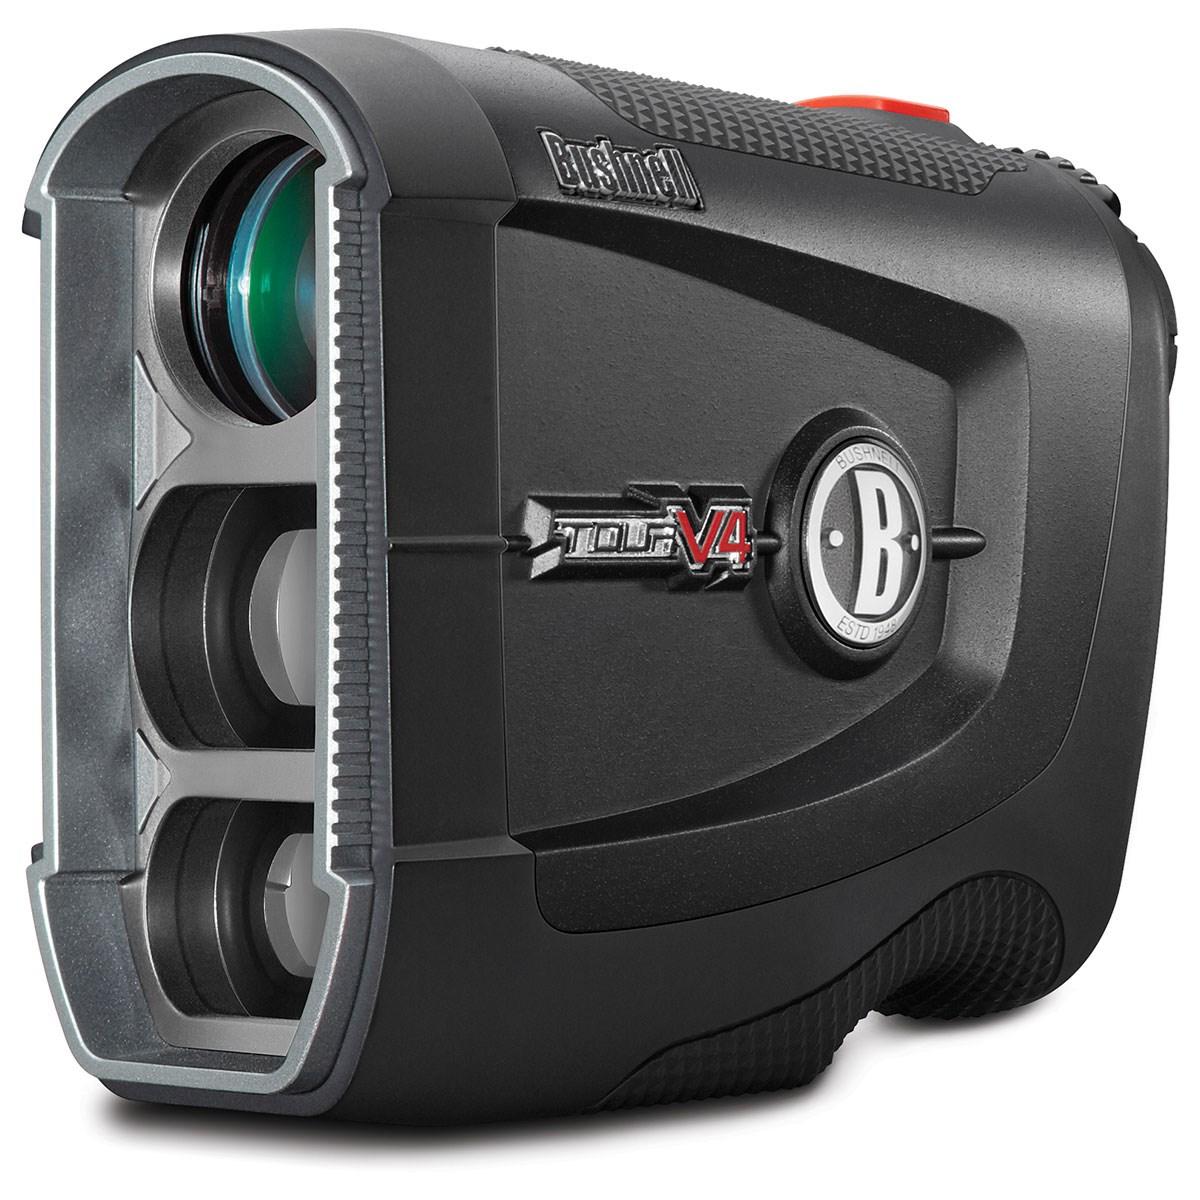 ゴルフ 距離測定器 レーザー ブッシュネル Bushnell ピンシーカーツアーV4ジョルト ゴルフ用レーザー距離計